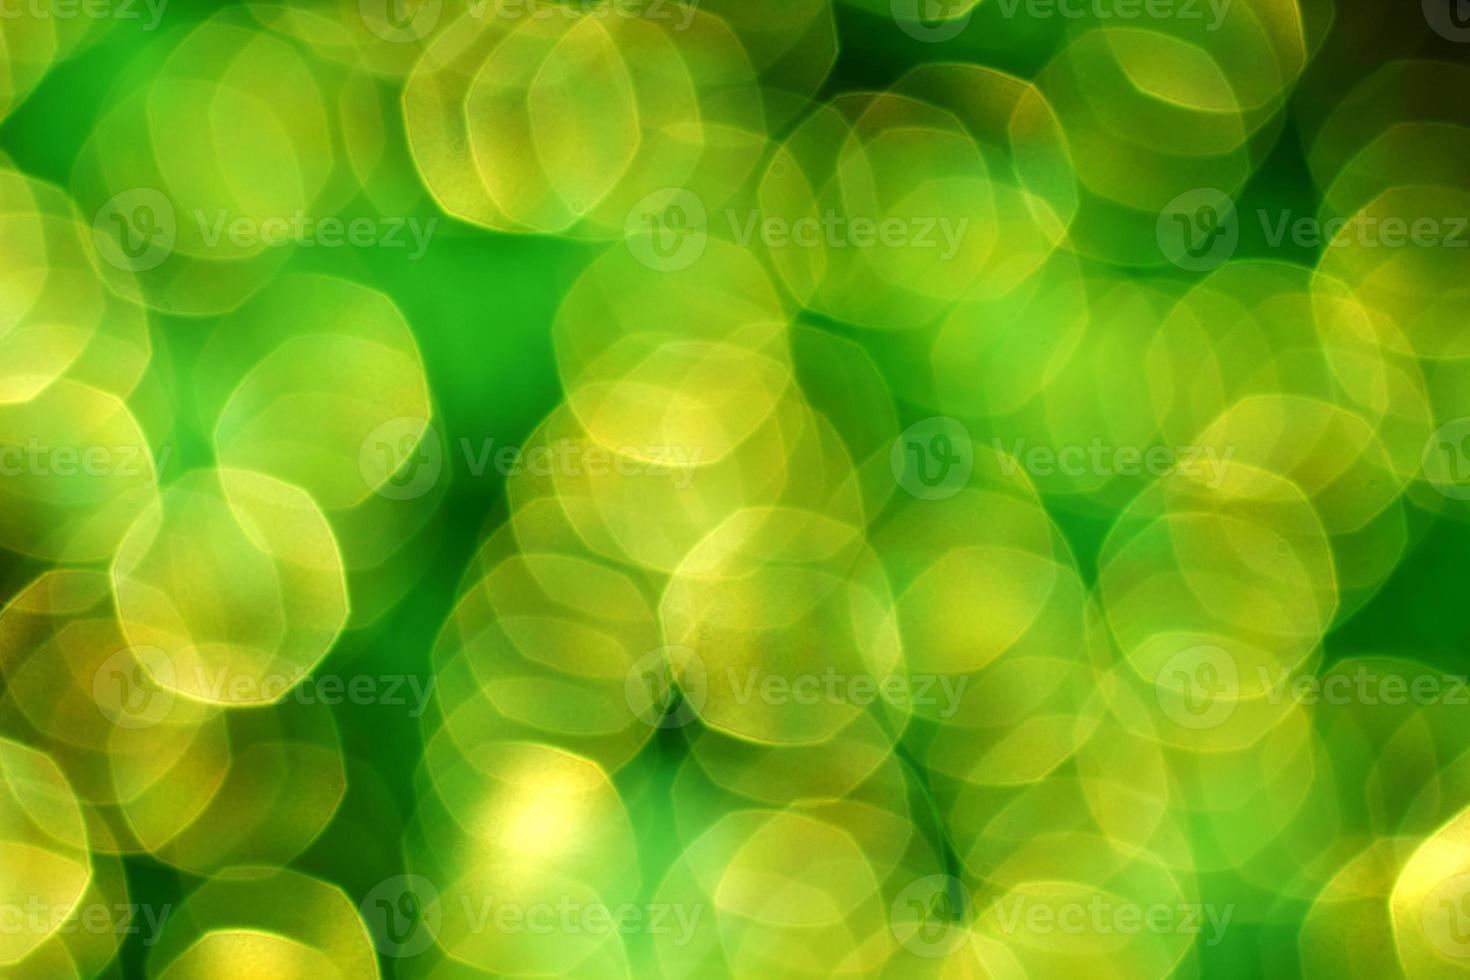 grün beleuchtete Hintergrundbeleuchtung foto